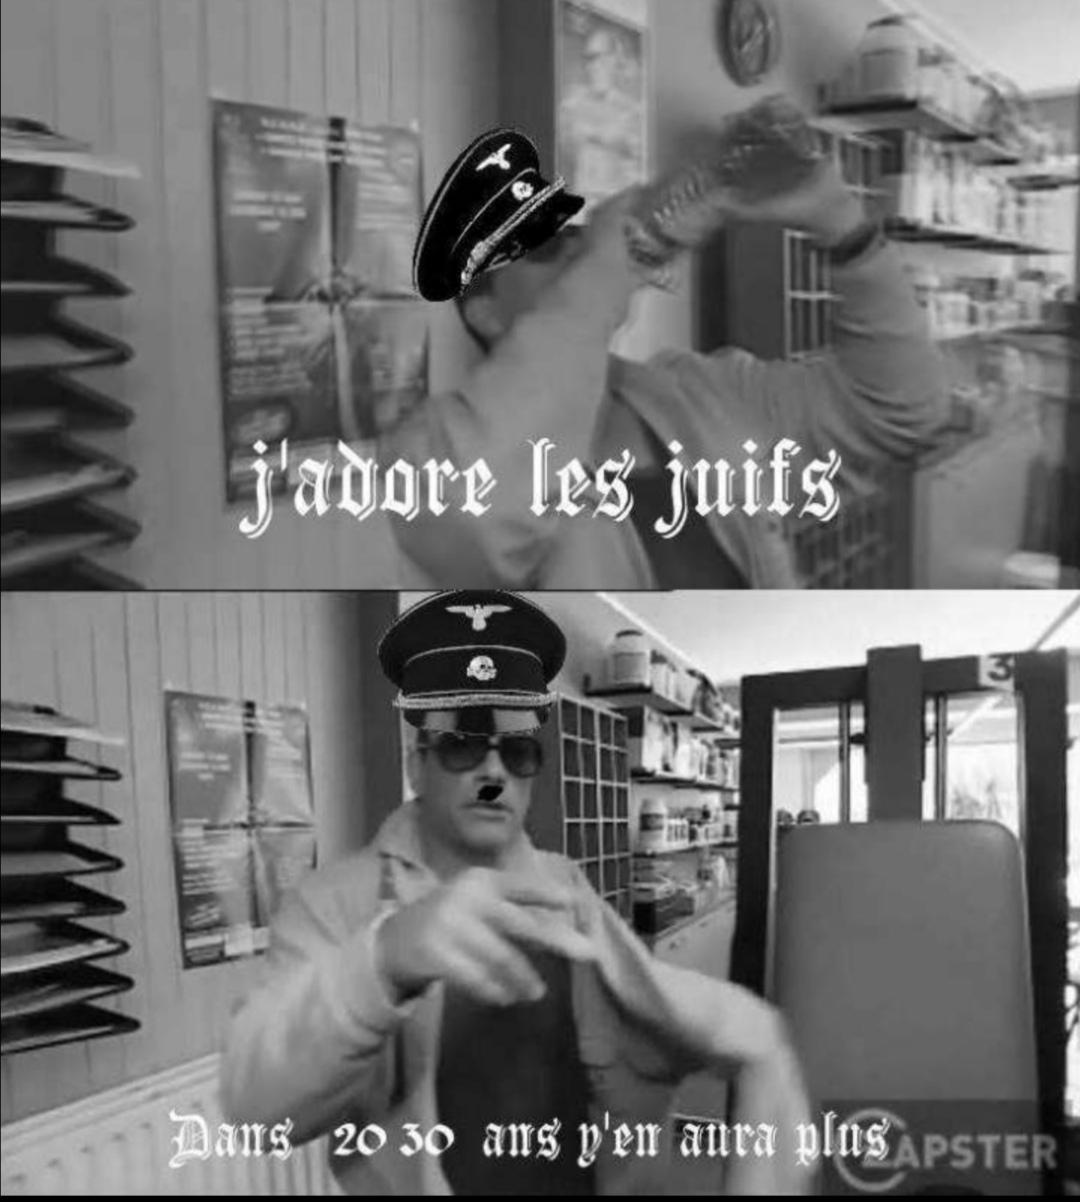 JCVD in a nutshell - meme